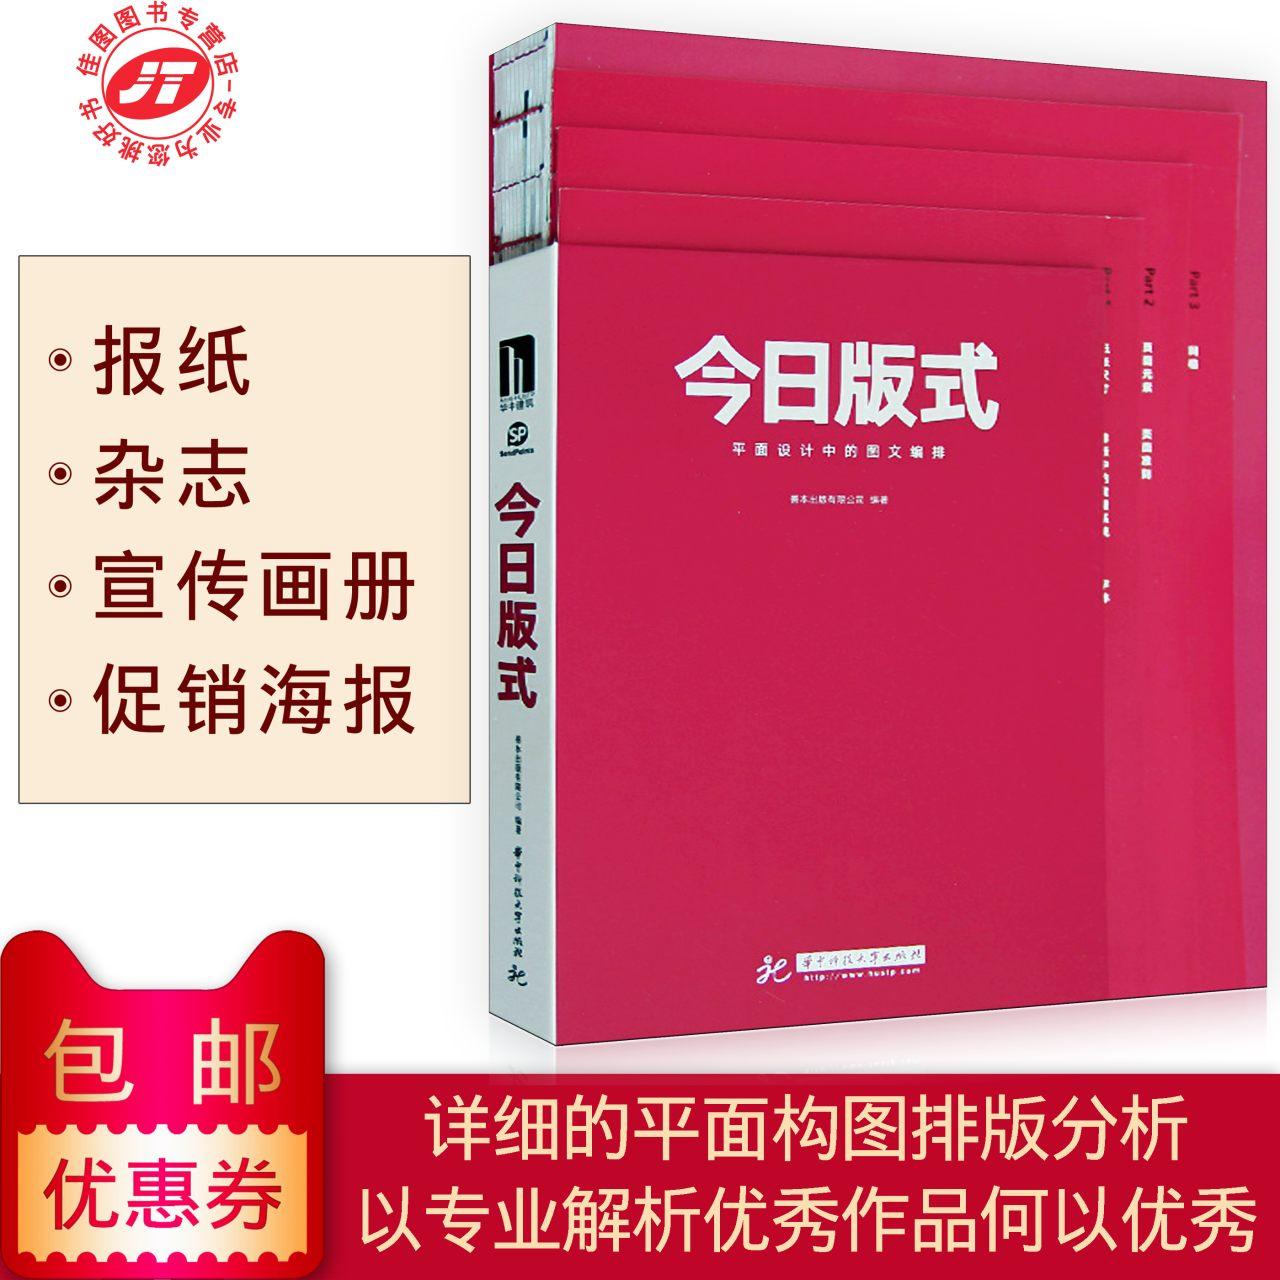 Книги / Журналы Артикул 572087203476